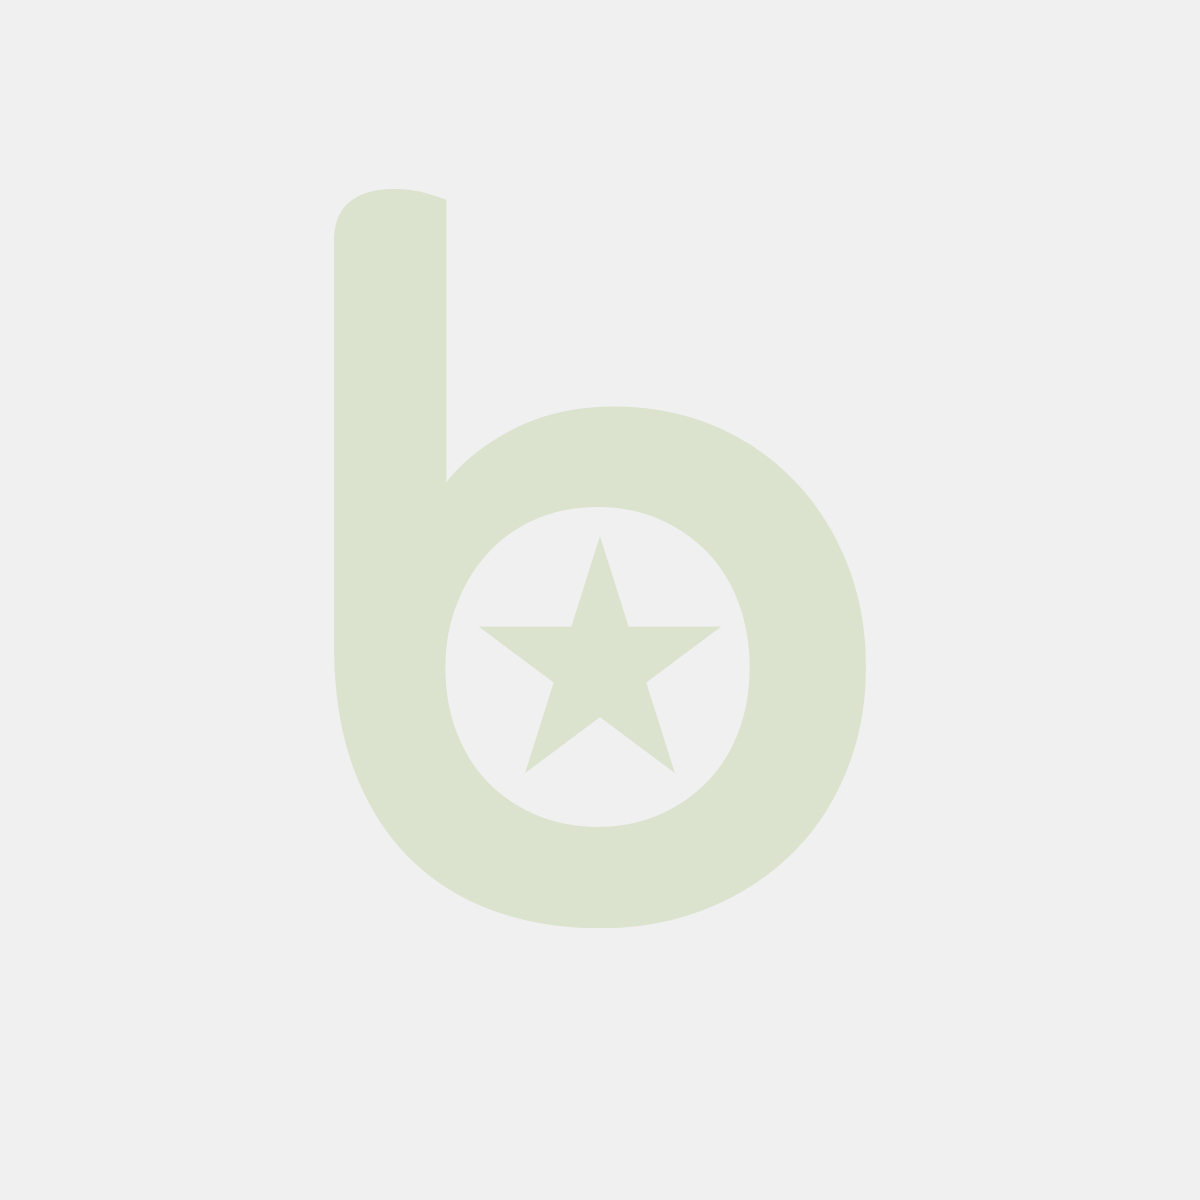 Kubek do sorbetu/granity/slush Statek 250 ml/9oz brązowy, cena za opakowanie 108szt